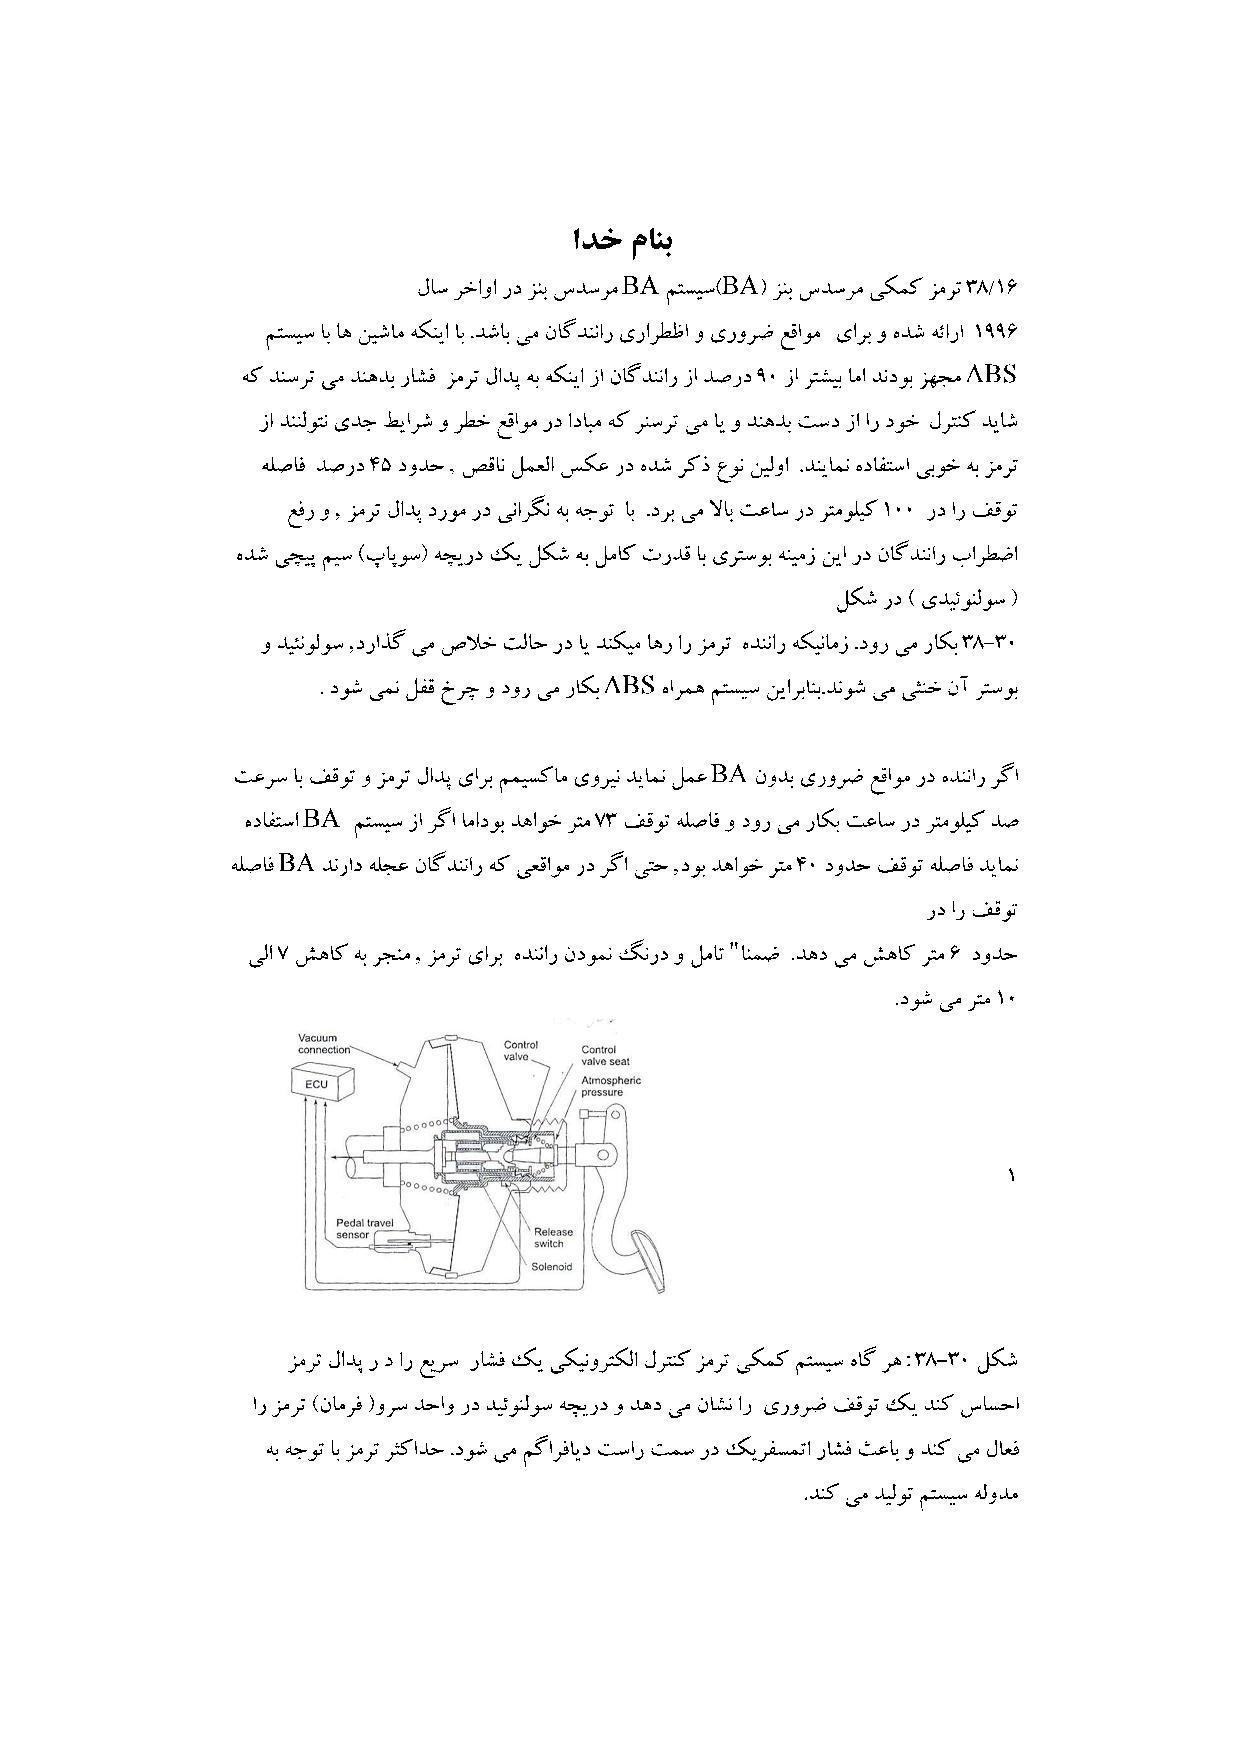 ترجمه مقاله و تحقیق - قطعات خودرو و ترمز و انواع آن